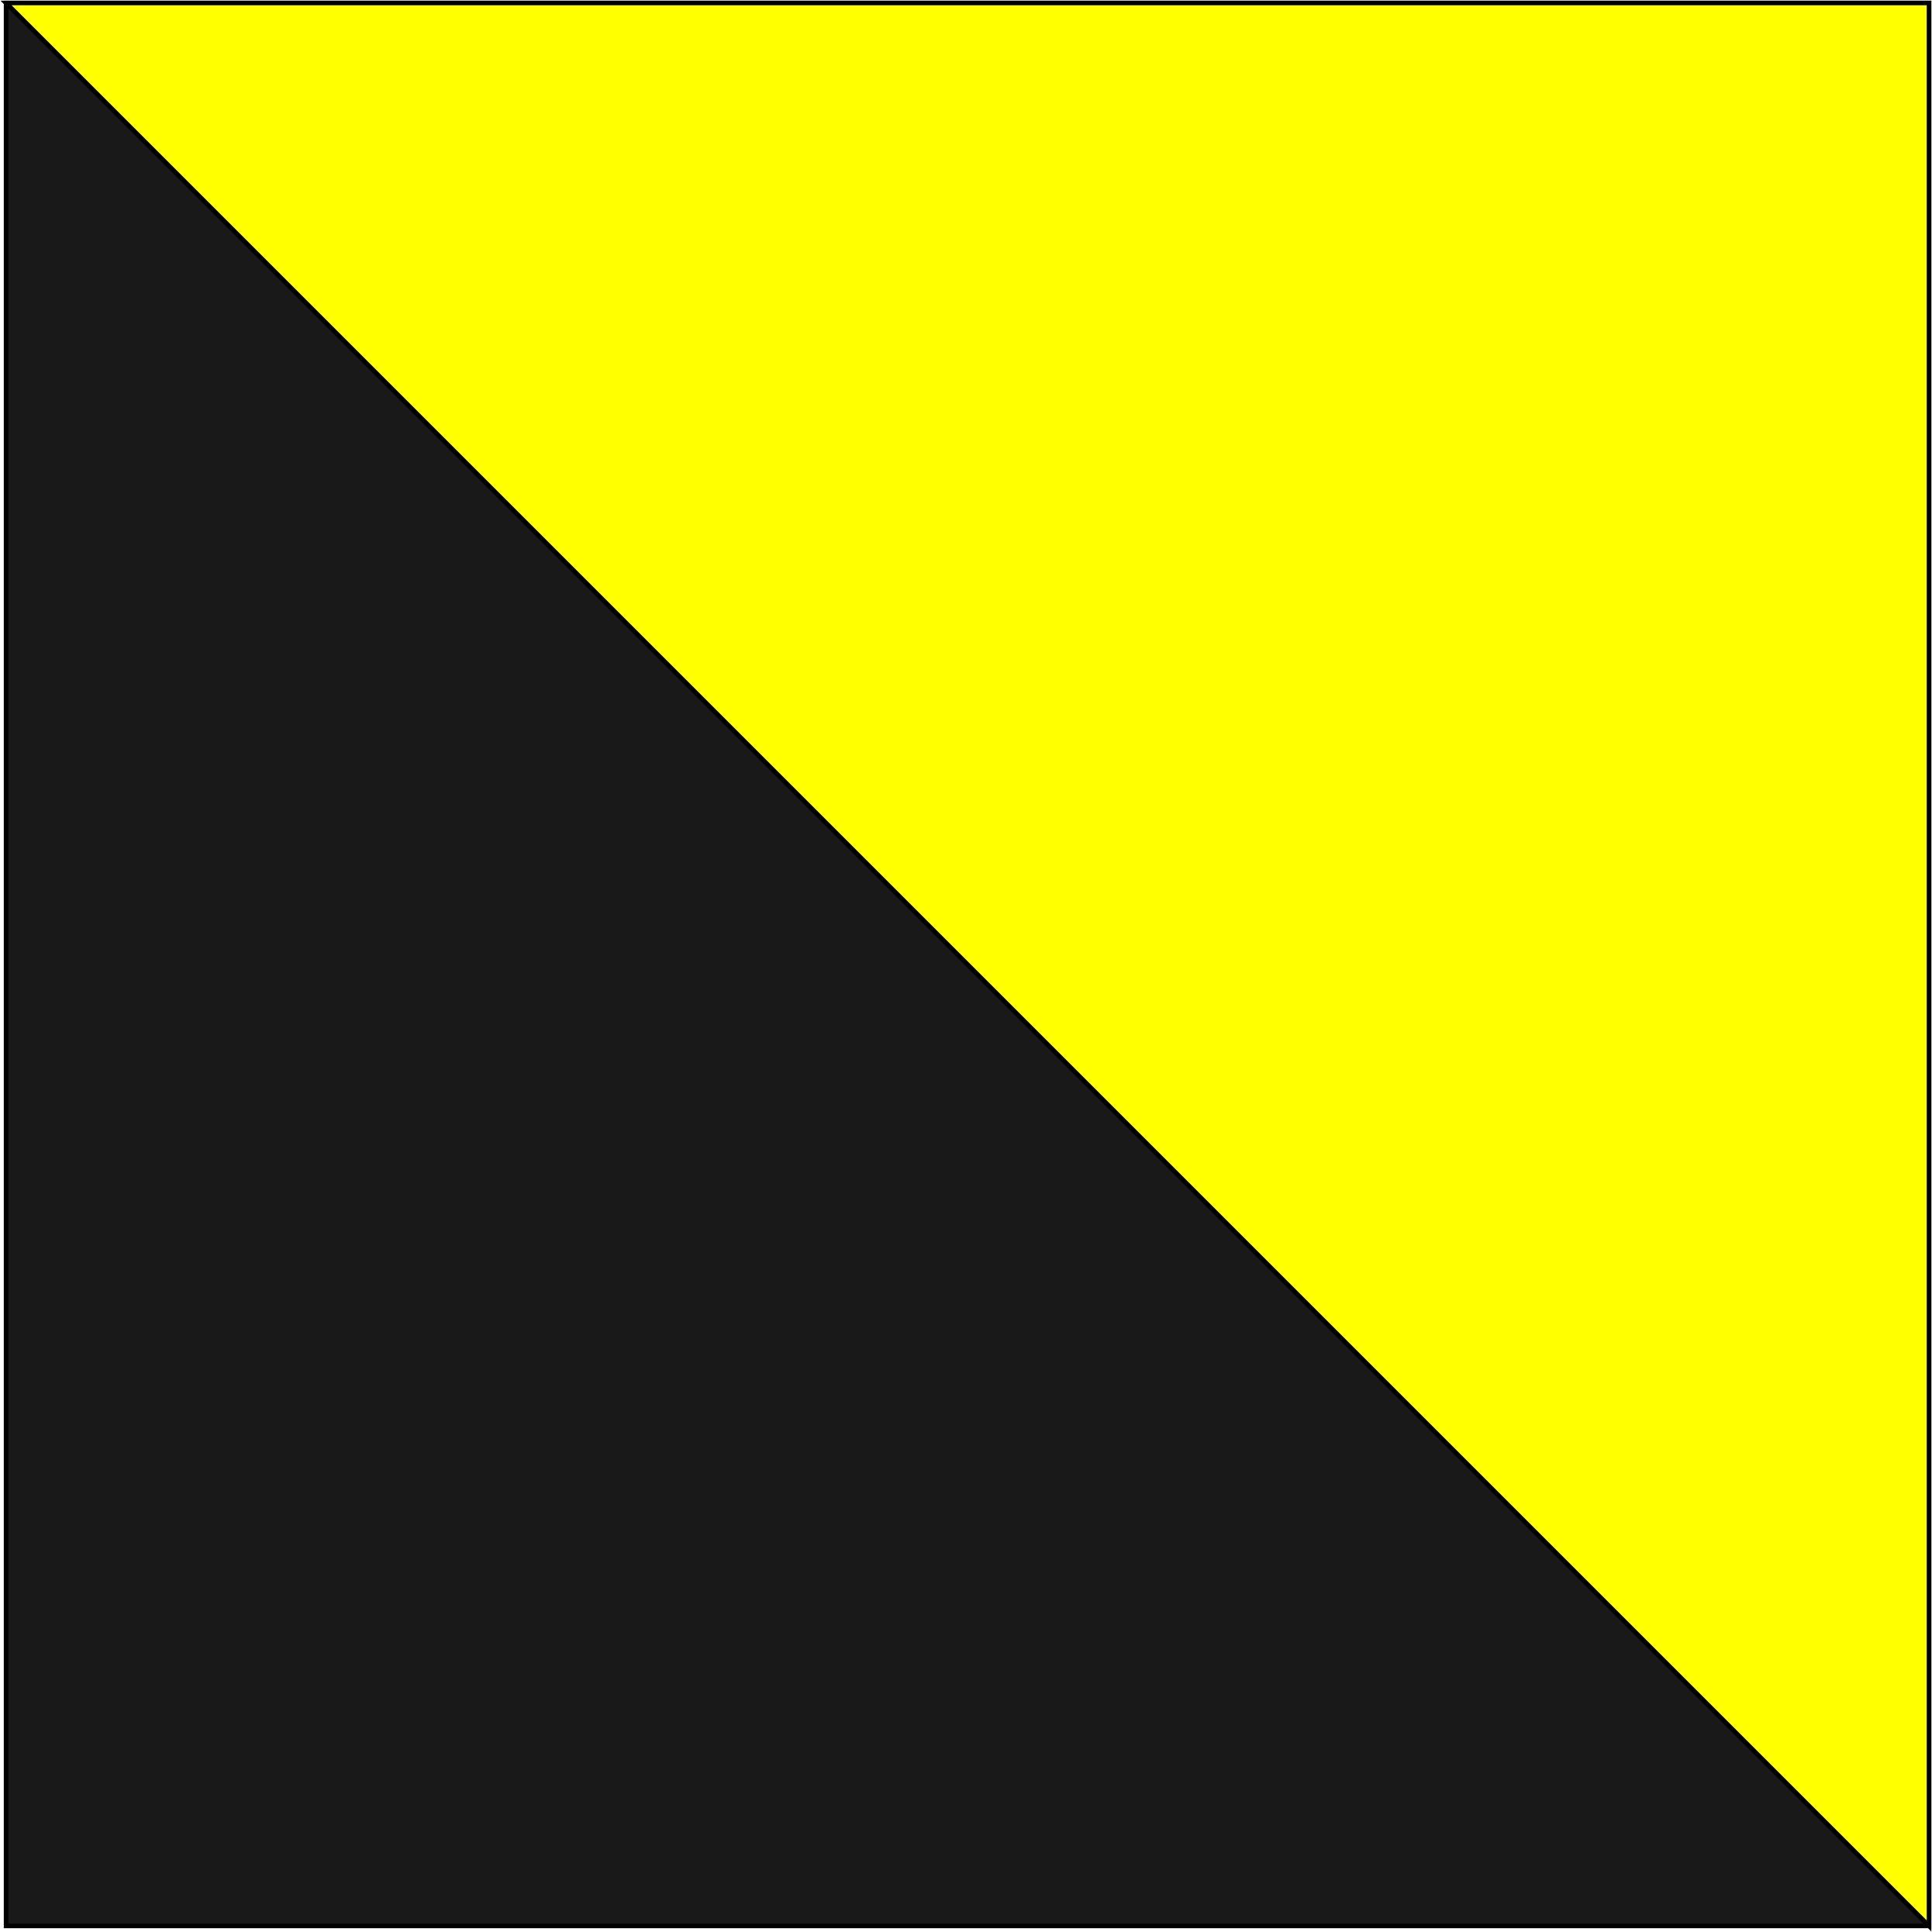 muted black/żółty fluorescencyjny